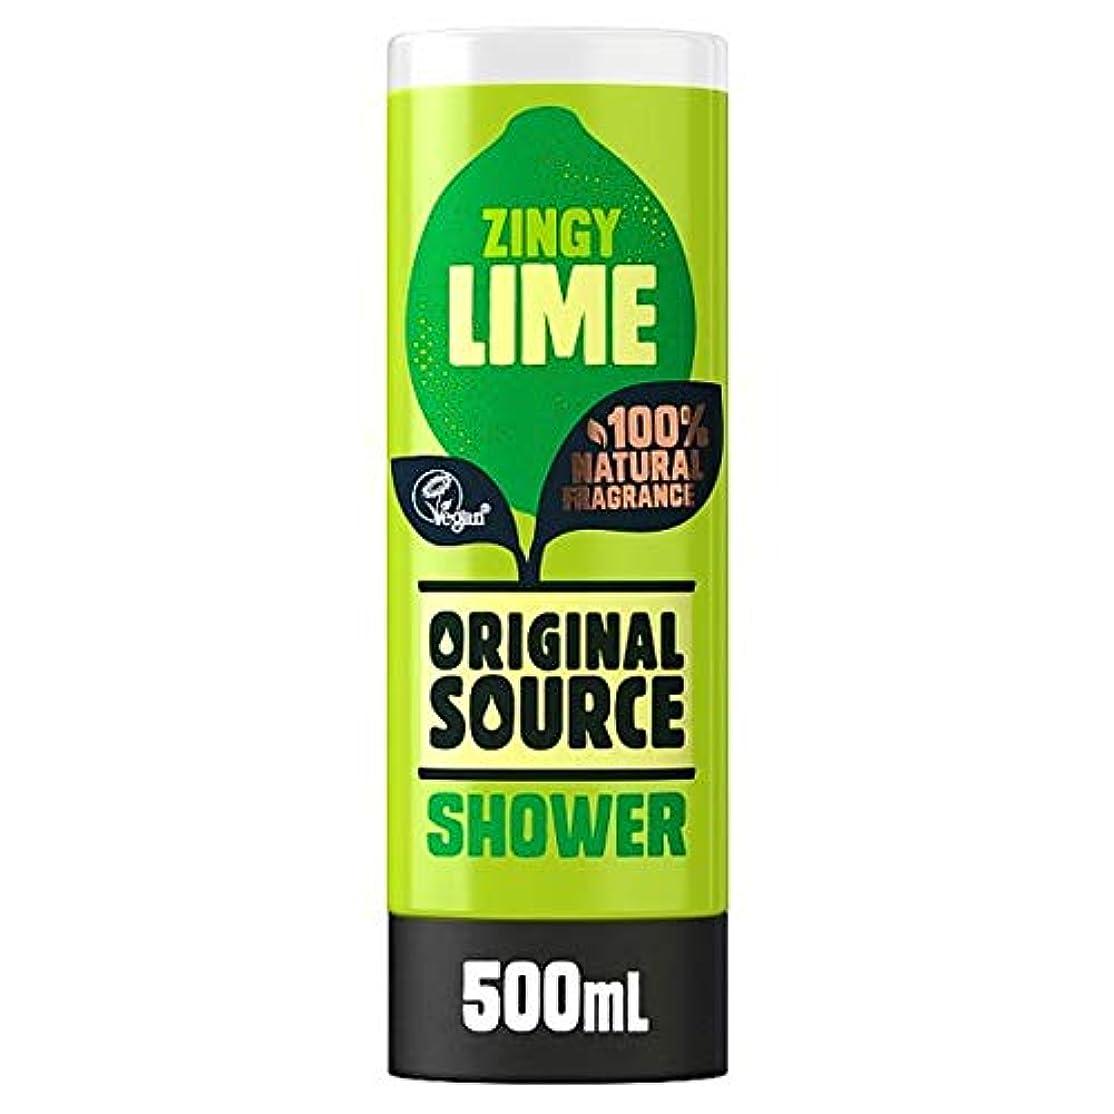 ベックス反乱押す[Original Source ] 元のソースライムシャワージェル500ミリリットル - Original Source Lime Shower Gel 500Ml [並行輸入品]